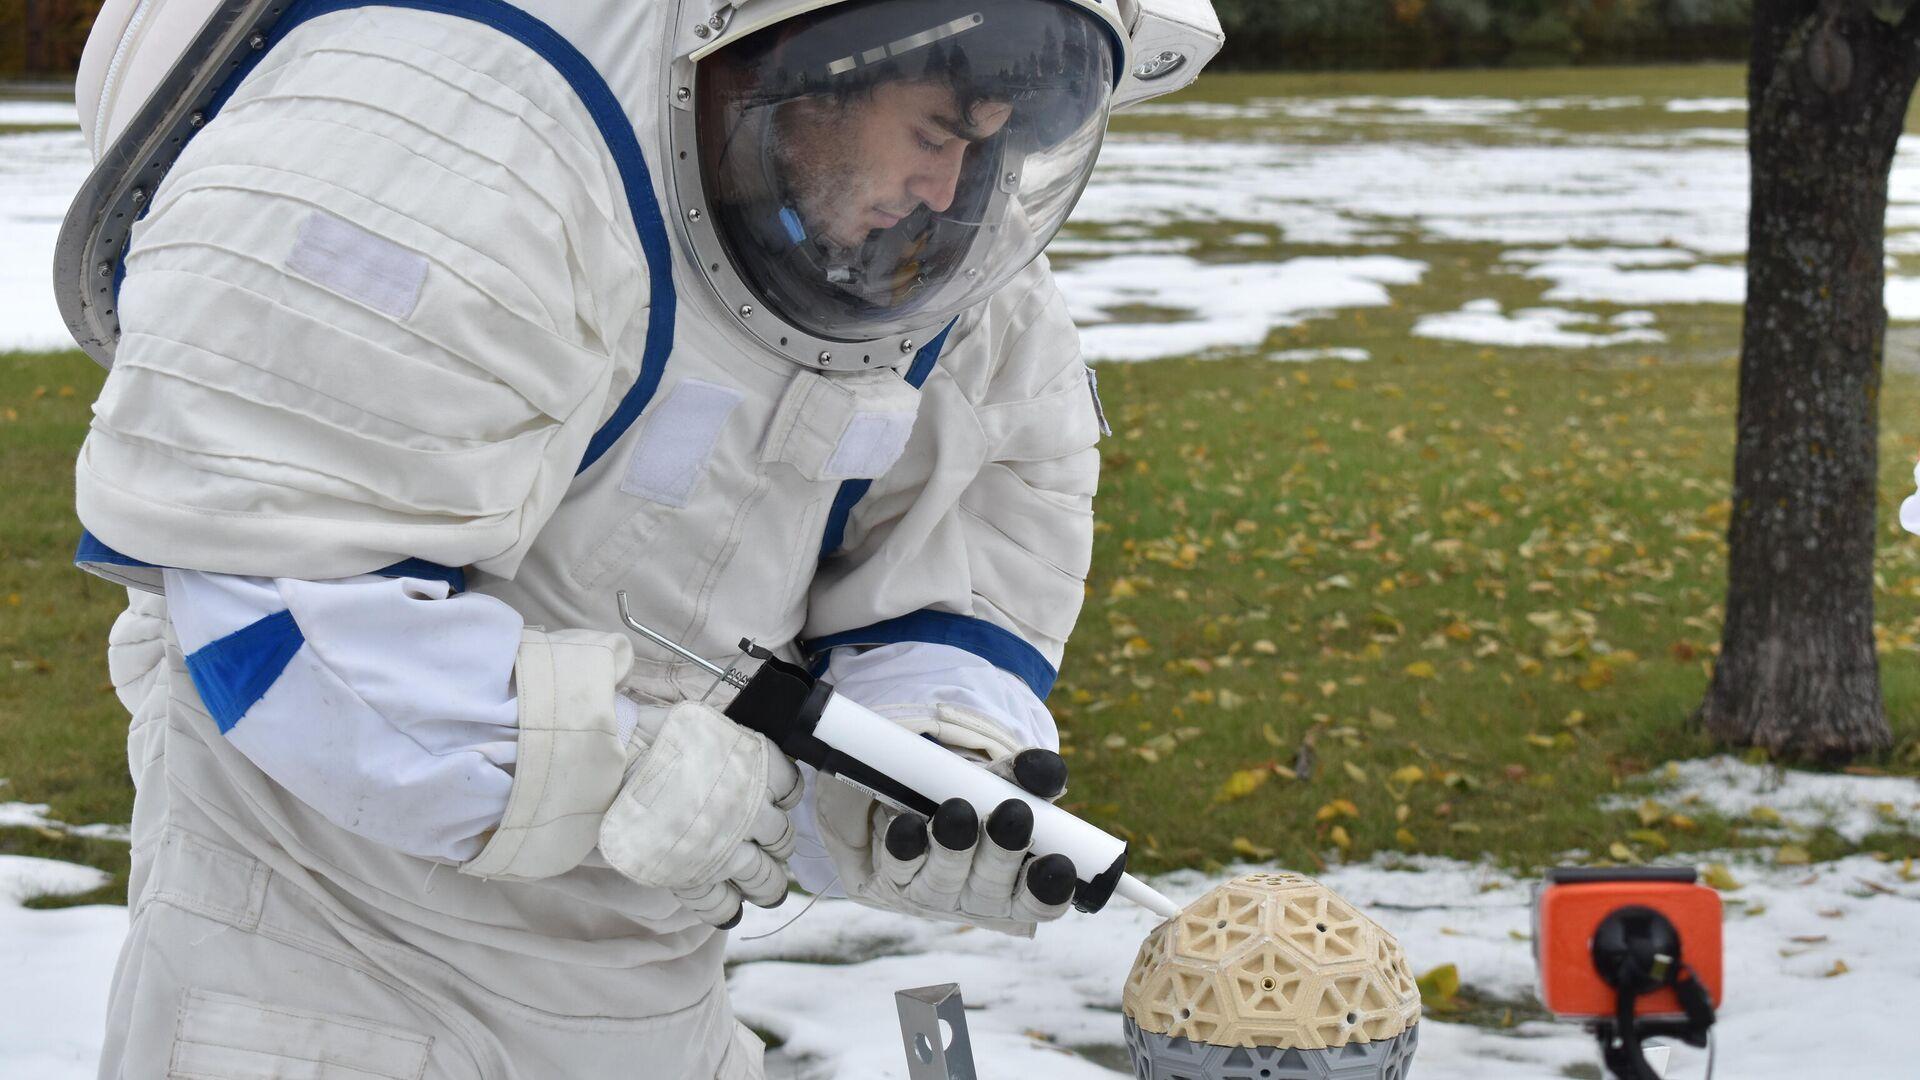 Marcos Bruno participa desde 2016 de iniciativas de exploración espacial preparatorias a las misiones a la luna y Marte - Sputnik Mundo, 1920, 02.06.2021